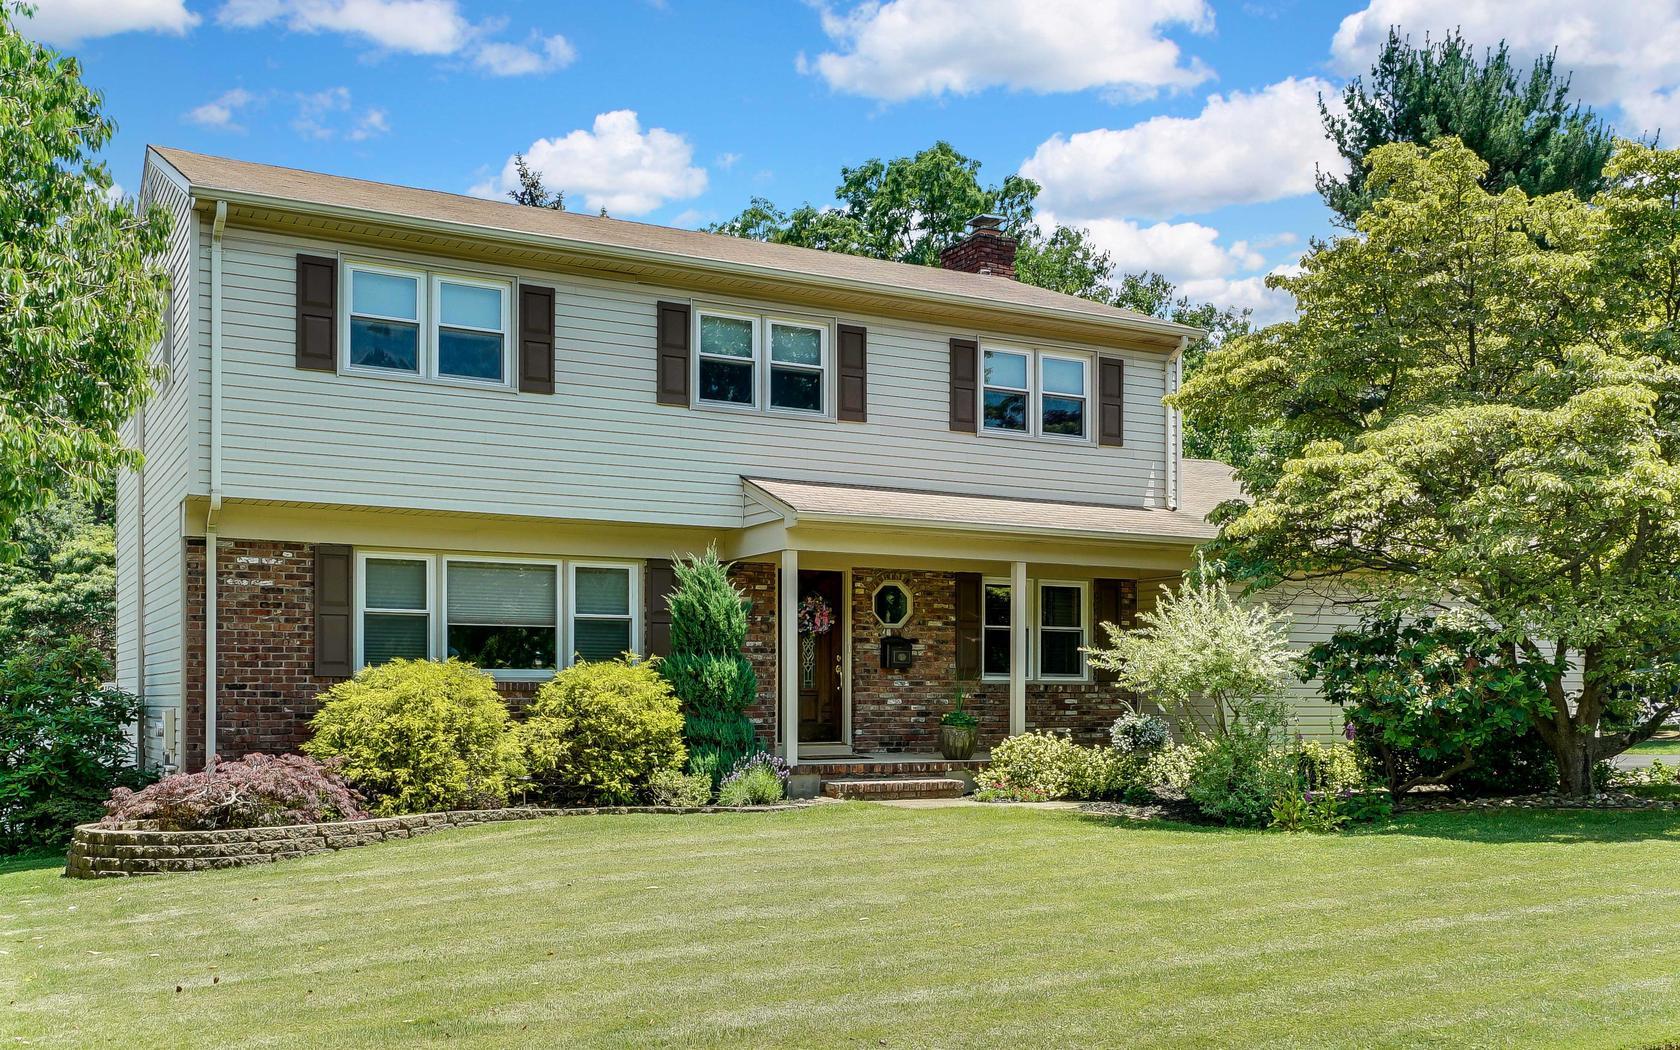 Nhà ở một gia đình vì Bán tại Beautiful Colonial in Oakhurst! 45 Heath Avenue Ocean, New Jersey 07755 Hoa Kỳ